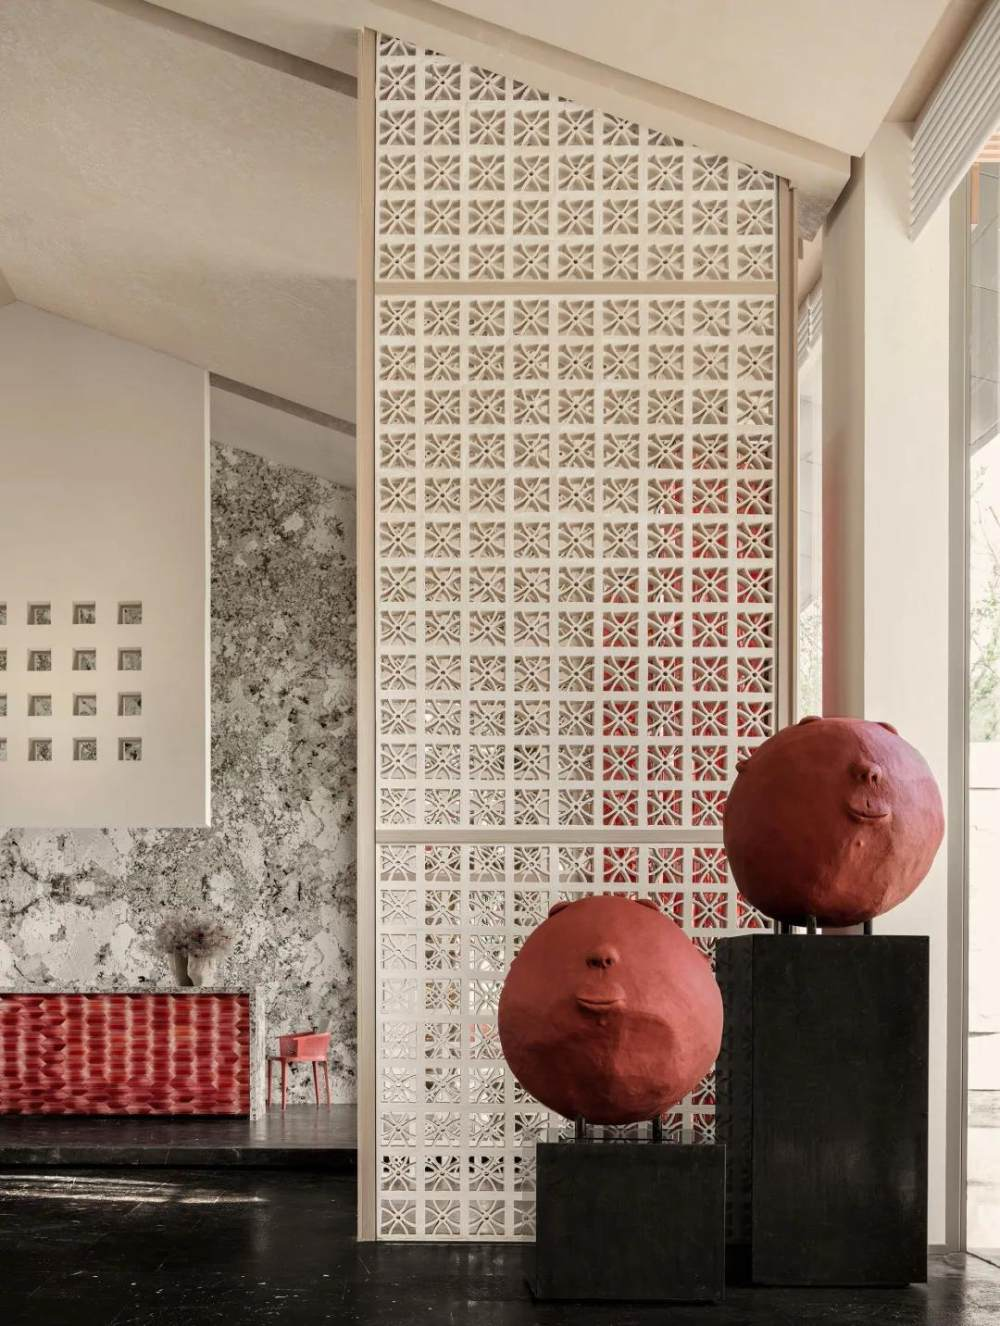 布鲁盟邦邦:我想用设计实现一场文化和场域的回归-44.jpg